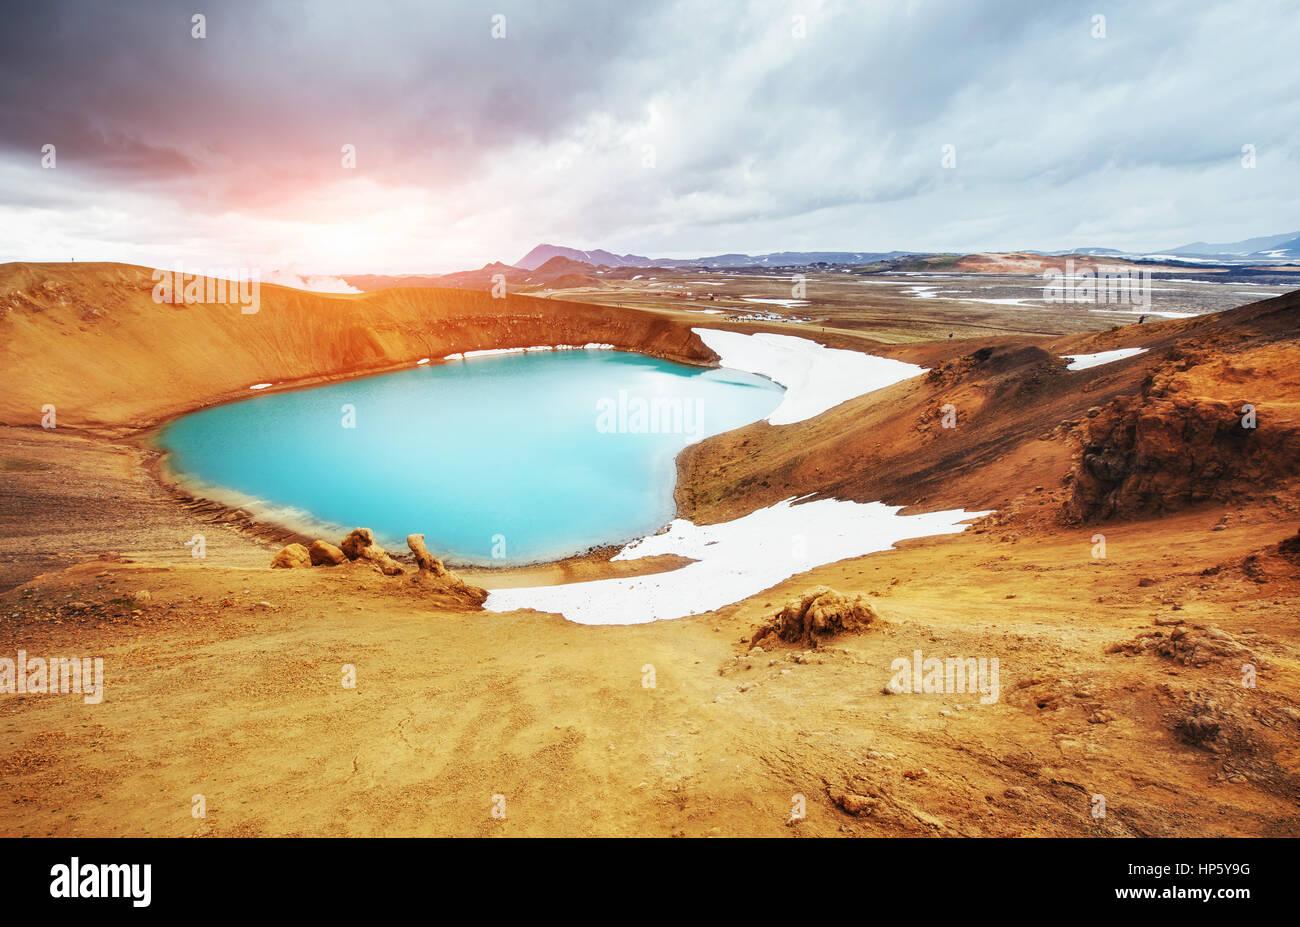 Riesiger Vulkan überragt. Türkis bietet einen warmen geothermischen wa Stockbild